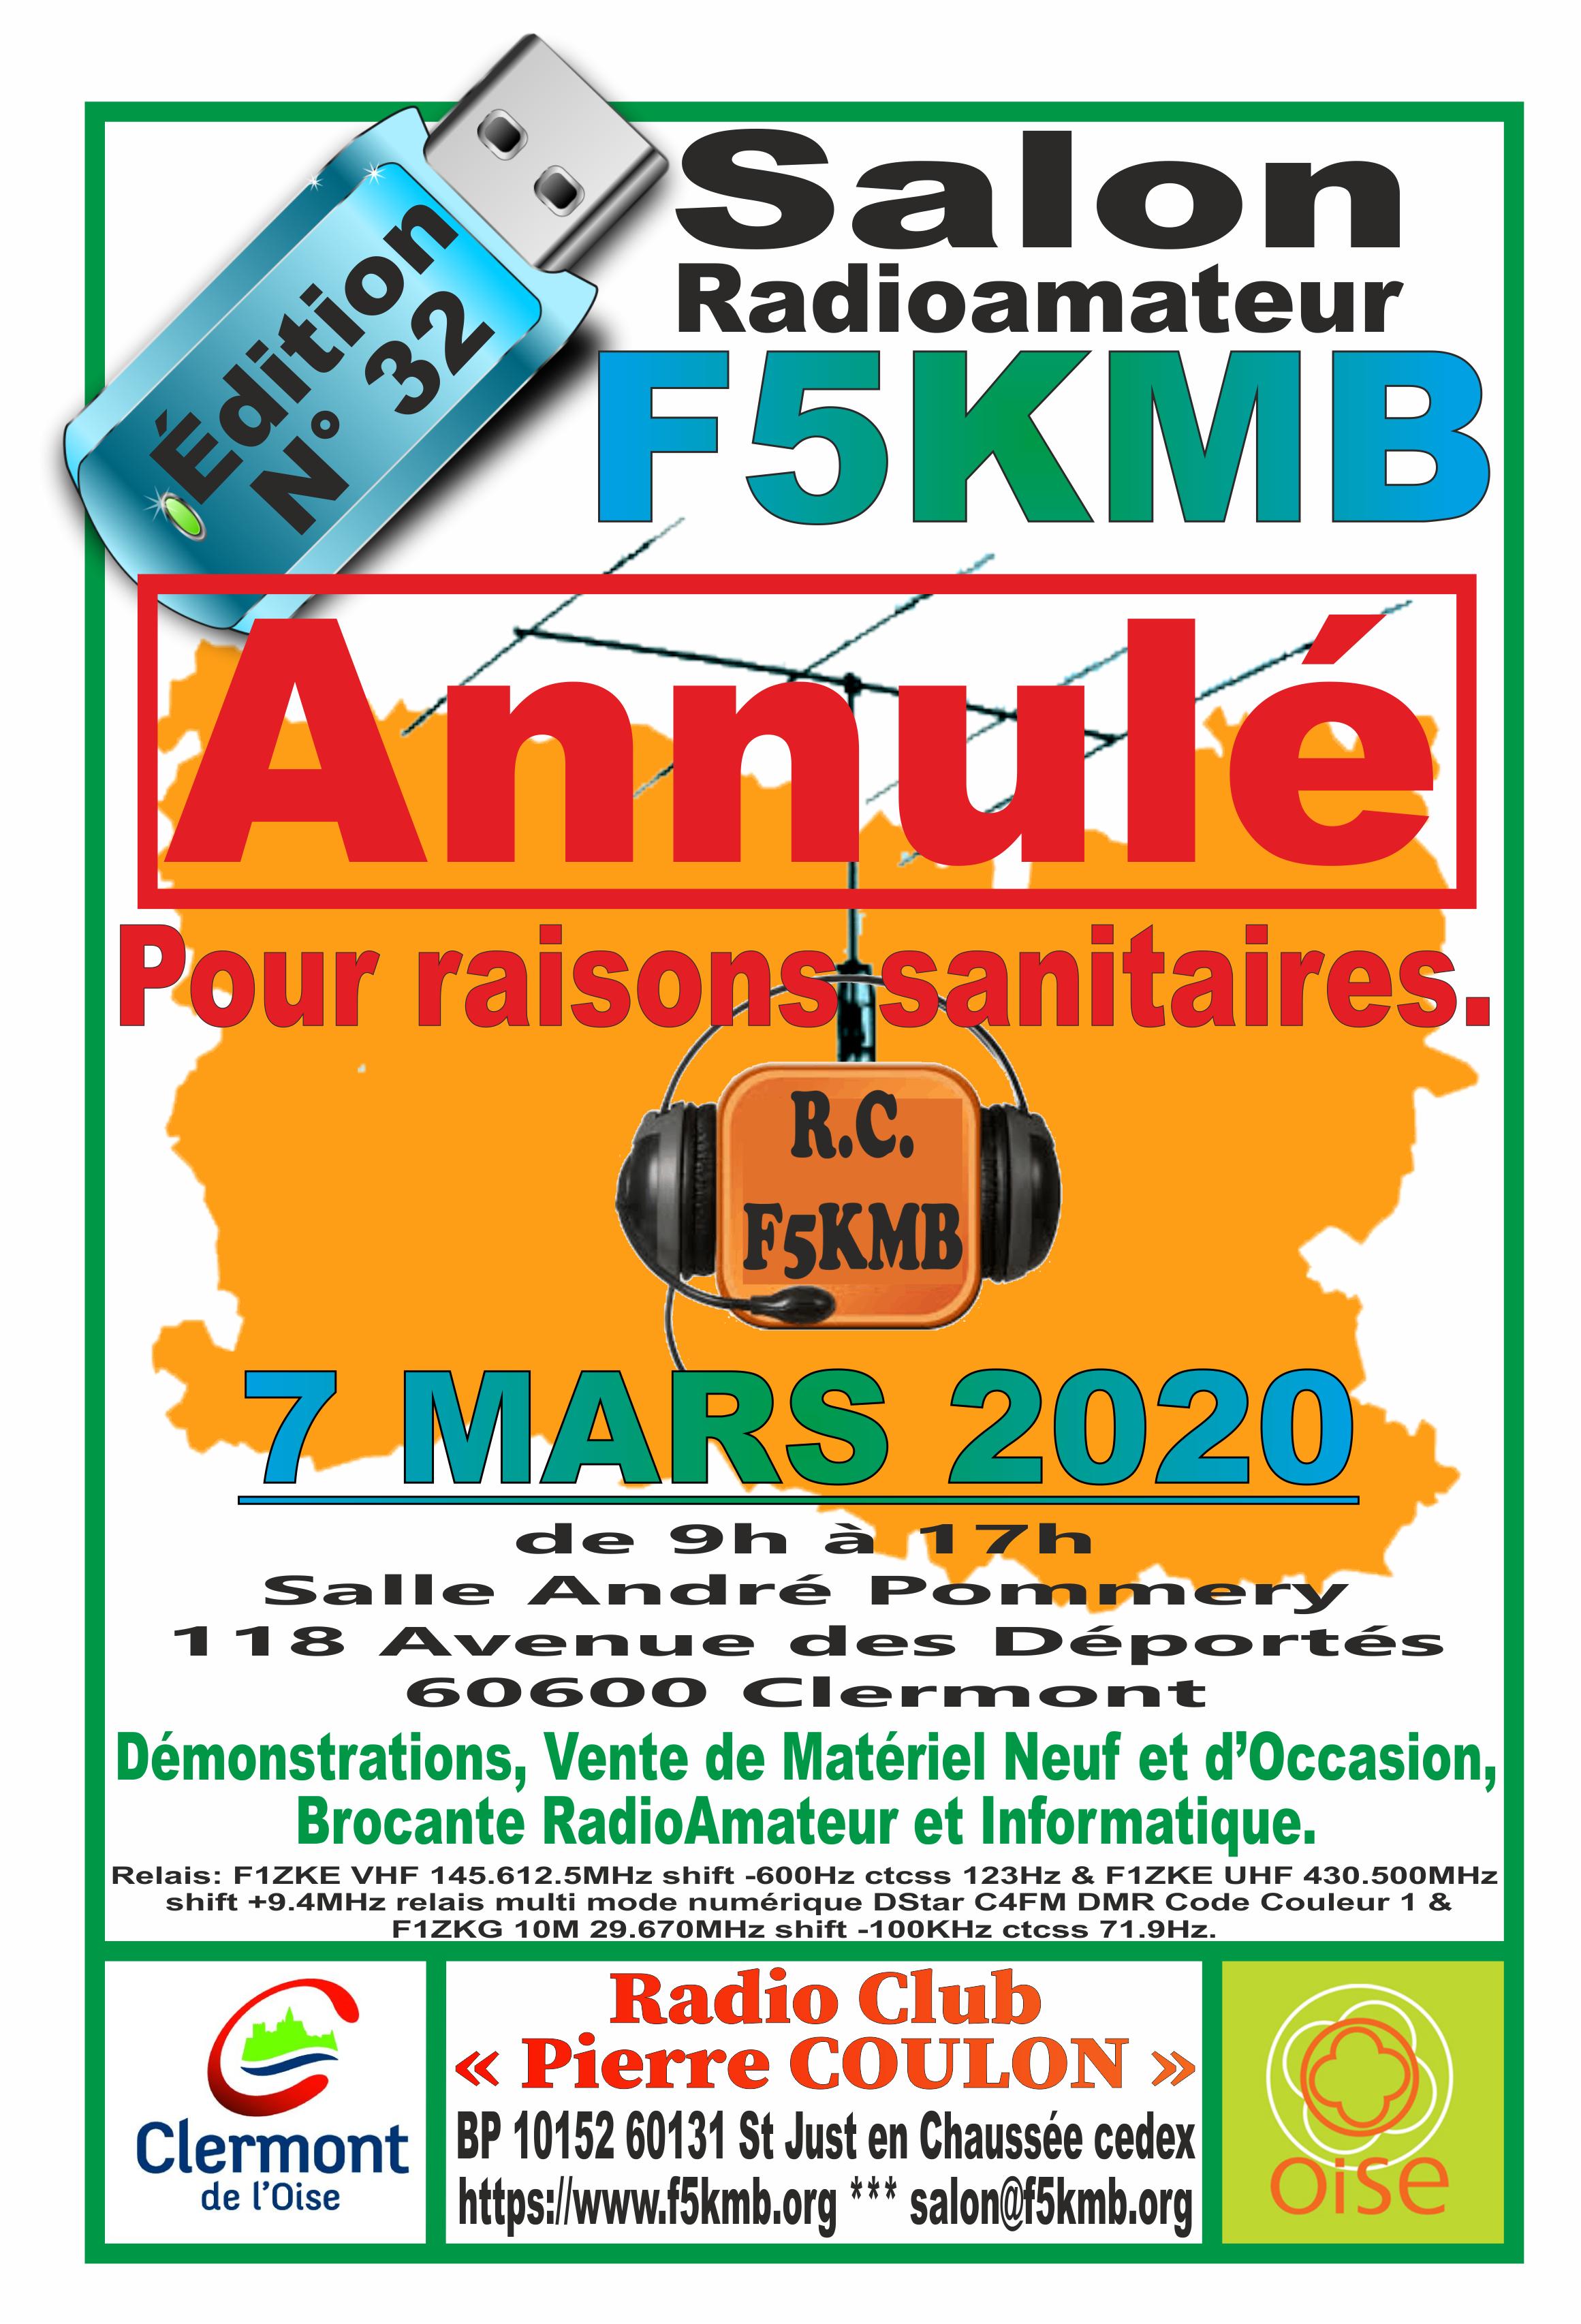 [Annulé] 32eme Salon Radioamateur de F5KMB Clermont (60) (07/03/2020) AFFICHE-2020-ANNULE